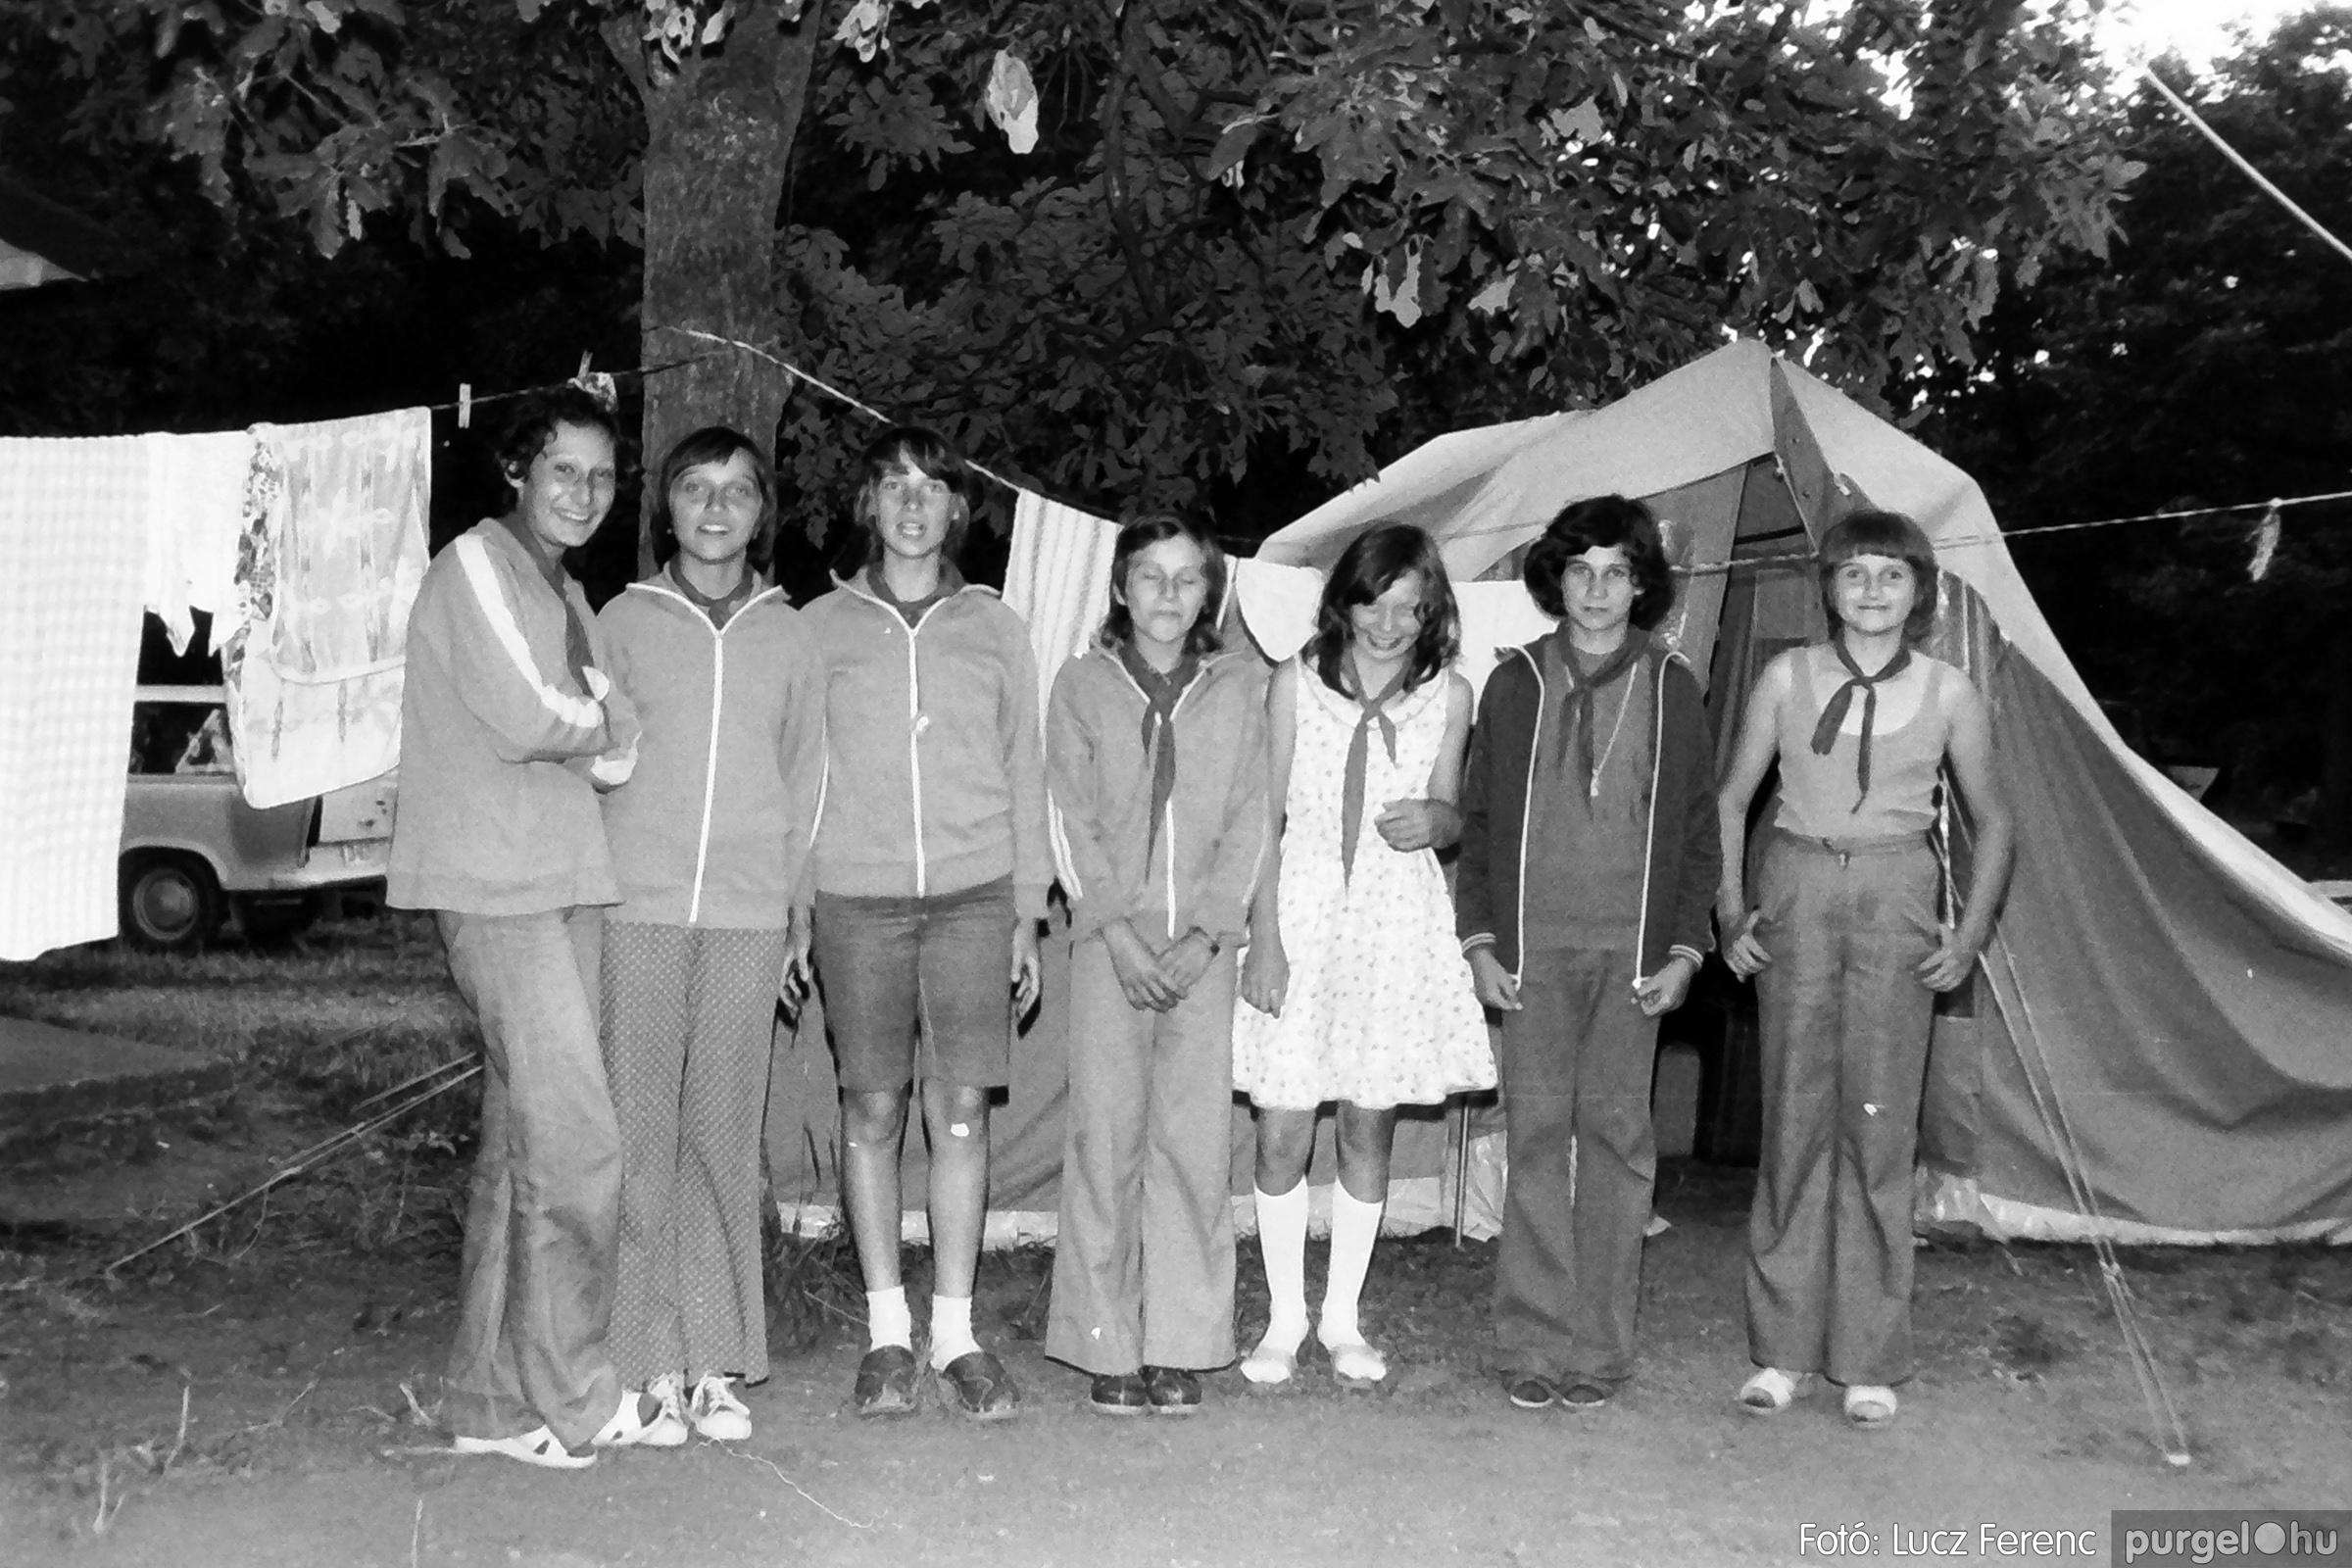 086, 088. 1977. Nyári tábor a Mátrában 055. - Fotó: Lucz Ferenc.jpg